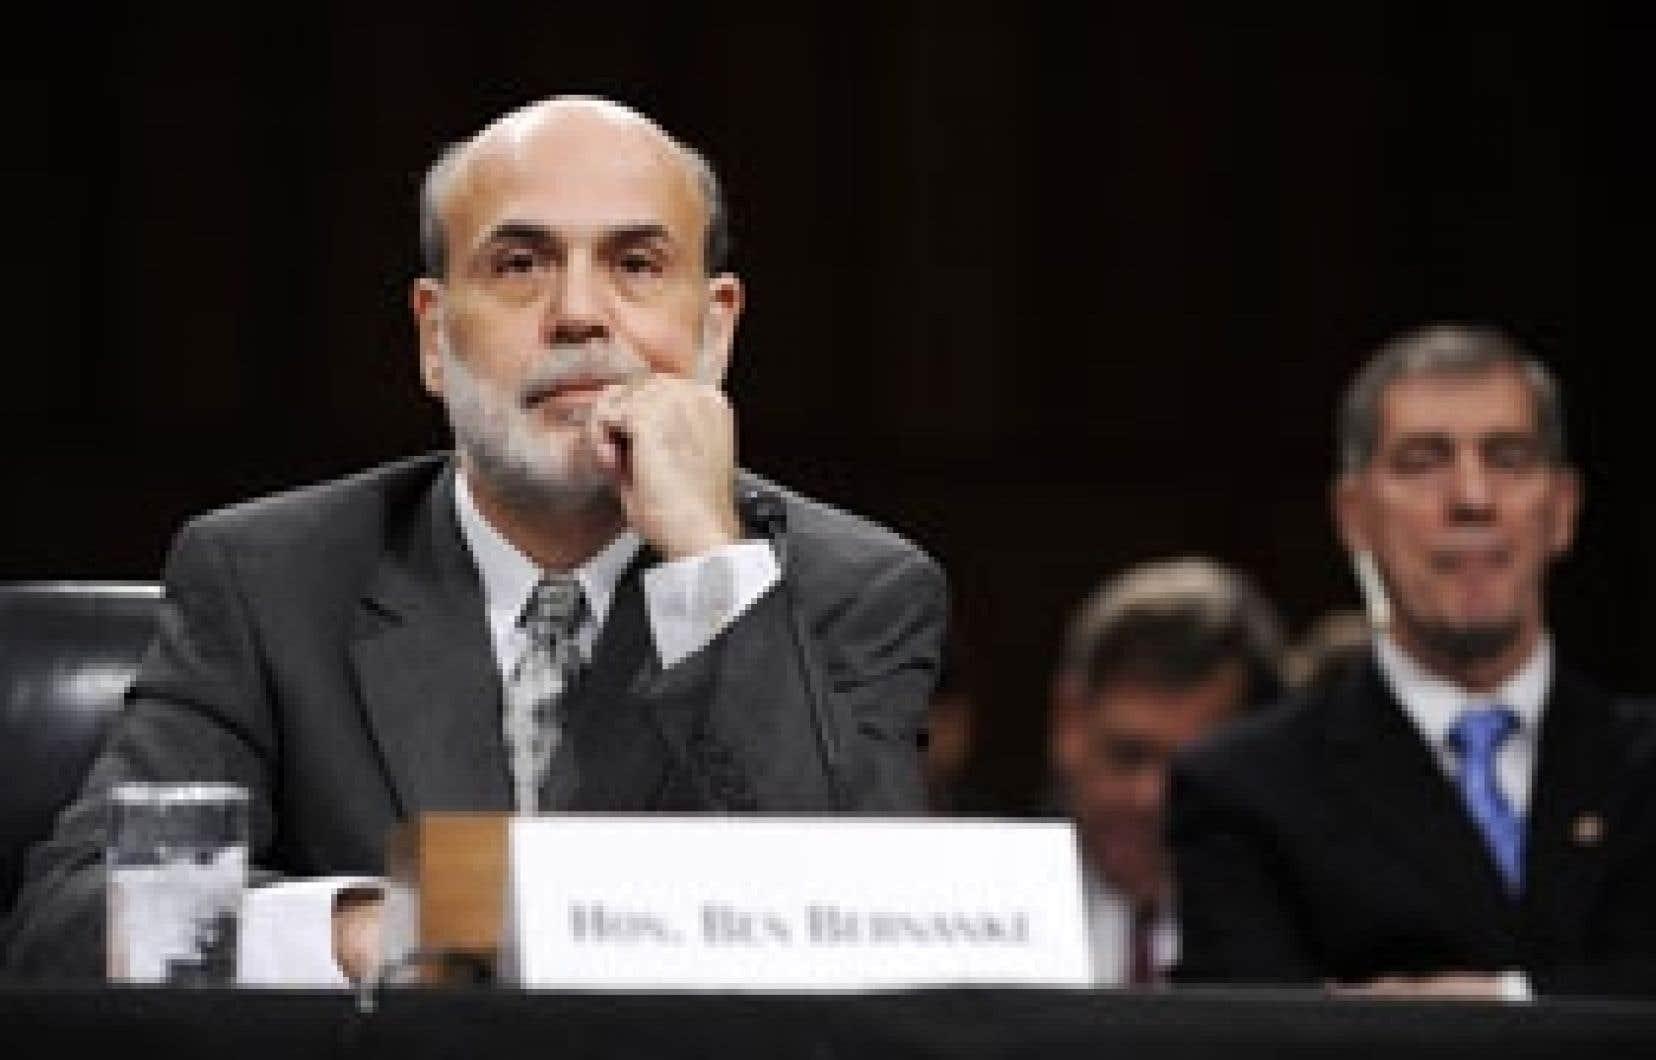 Selon le président de la Réserve fédérale, Ben Bernanke, «si les mesures prises par l'administration, le Congrès et la Réserve fédérale réussissent à faire revenir une certaine forme de stabilité financière — et dans ce seul cas, à mon